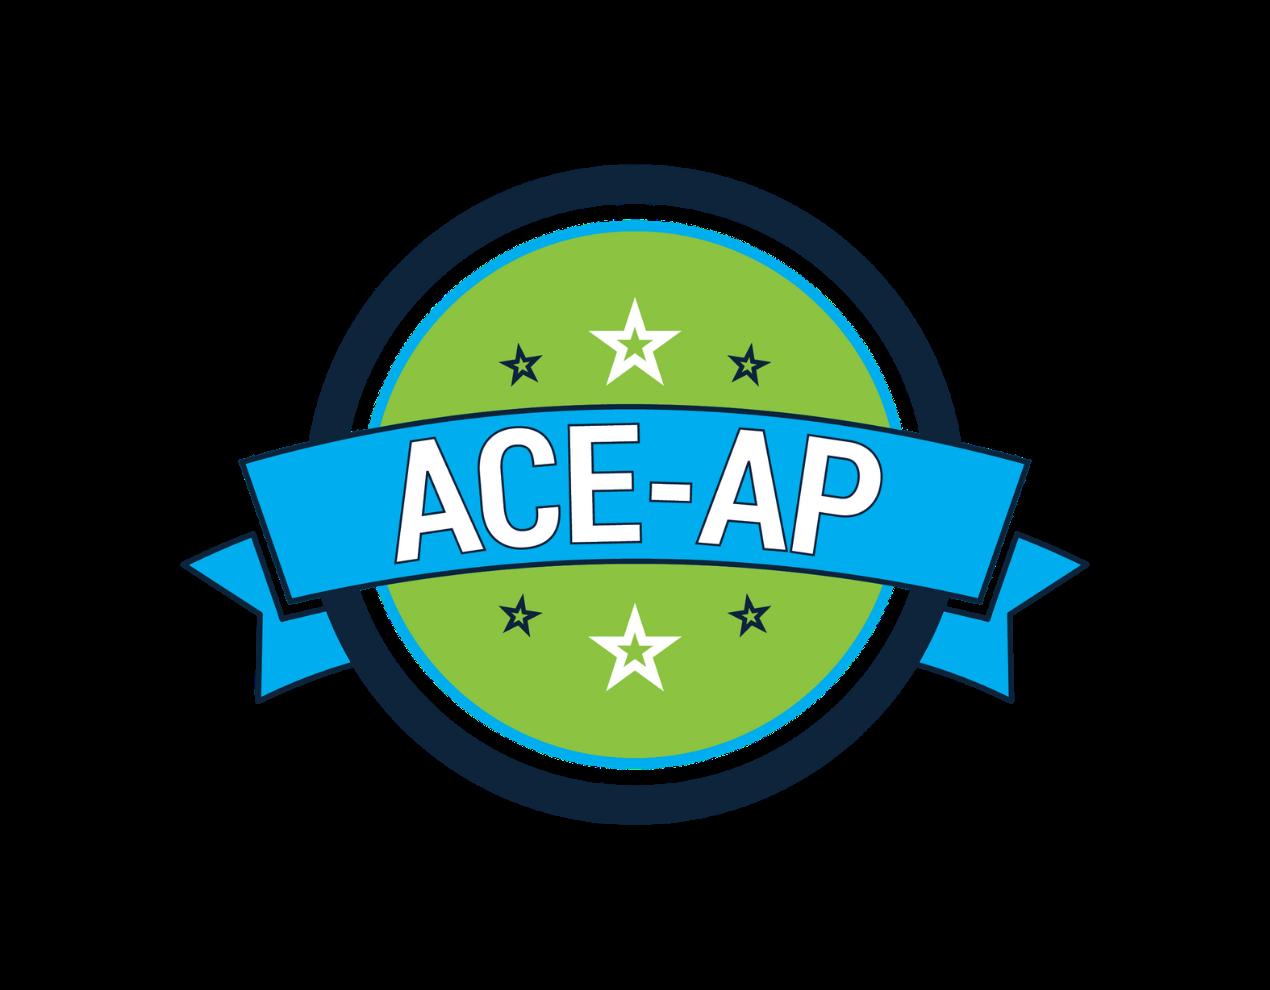 ace-ap-logo-smallest